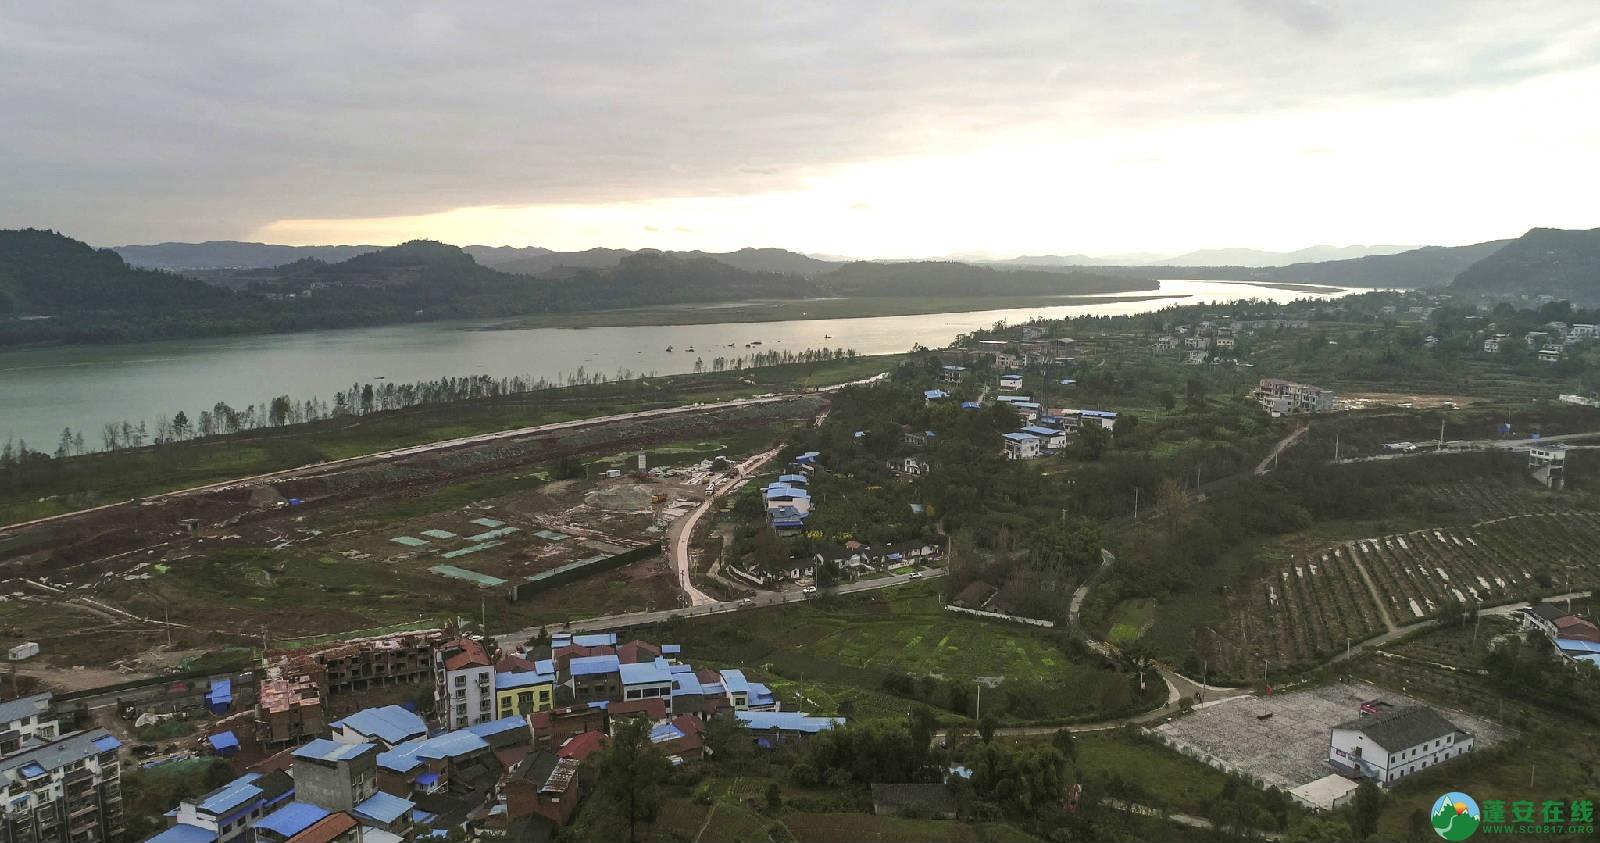 蓬安县锦屏镇建设新况 - 第1张  | 蓬安在线